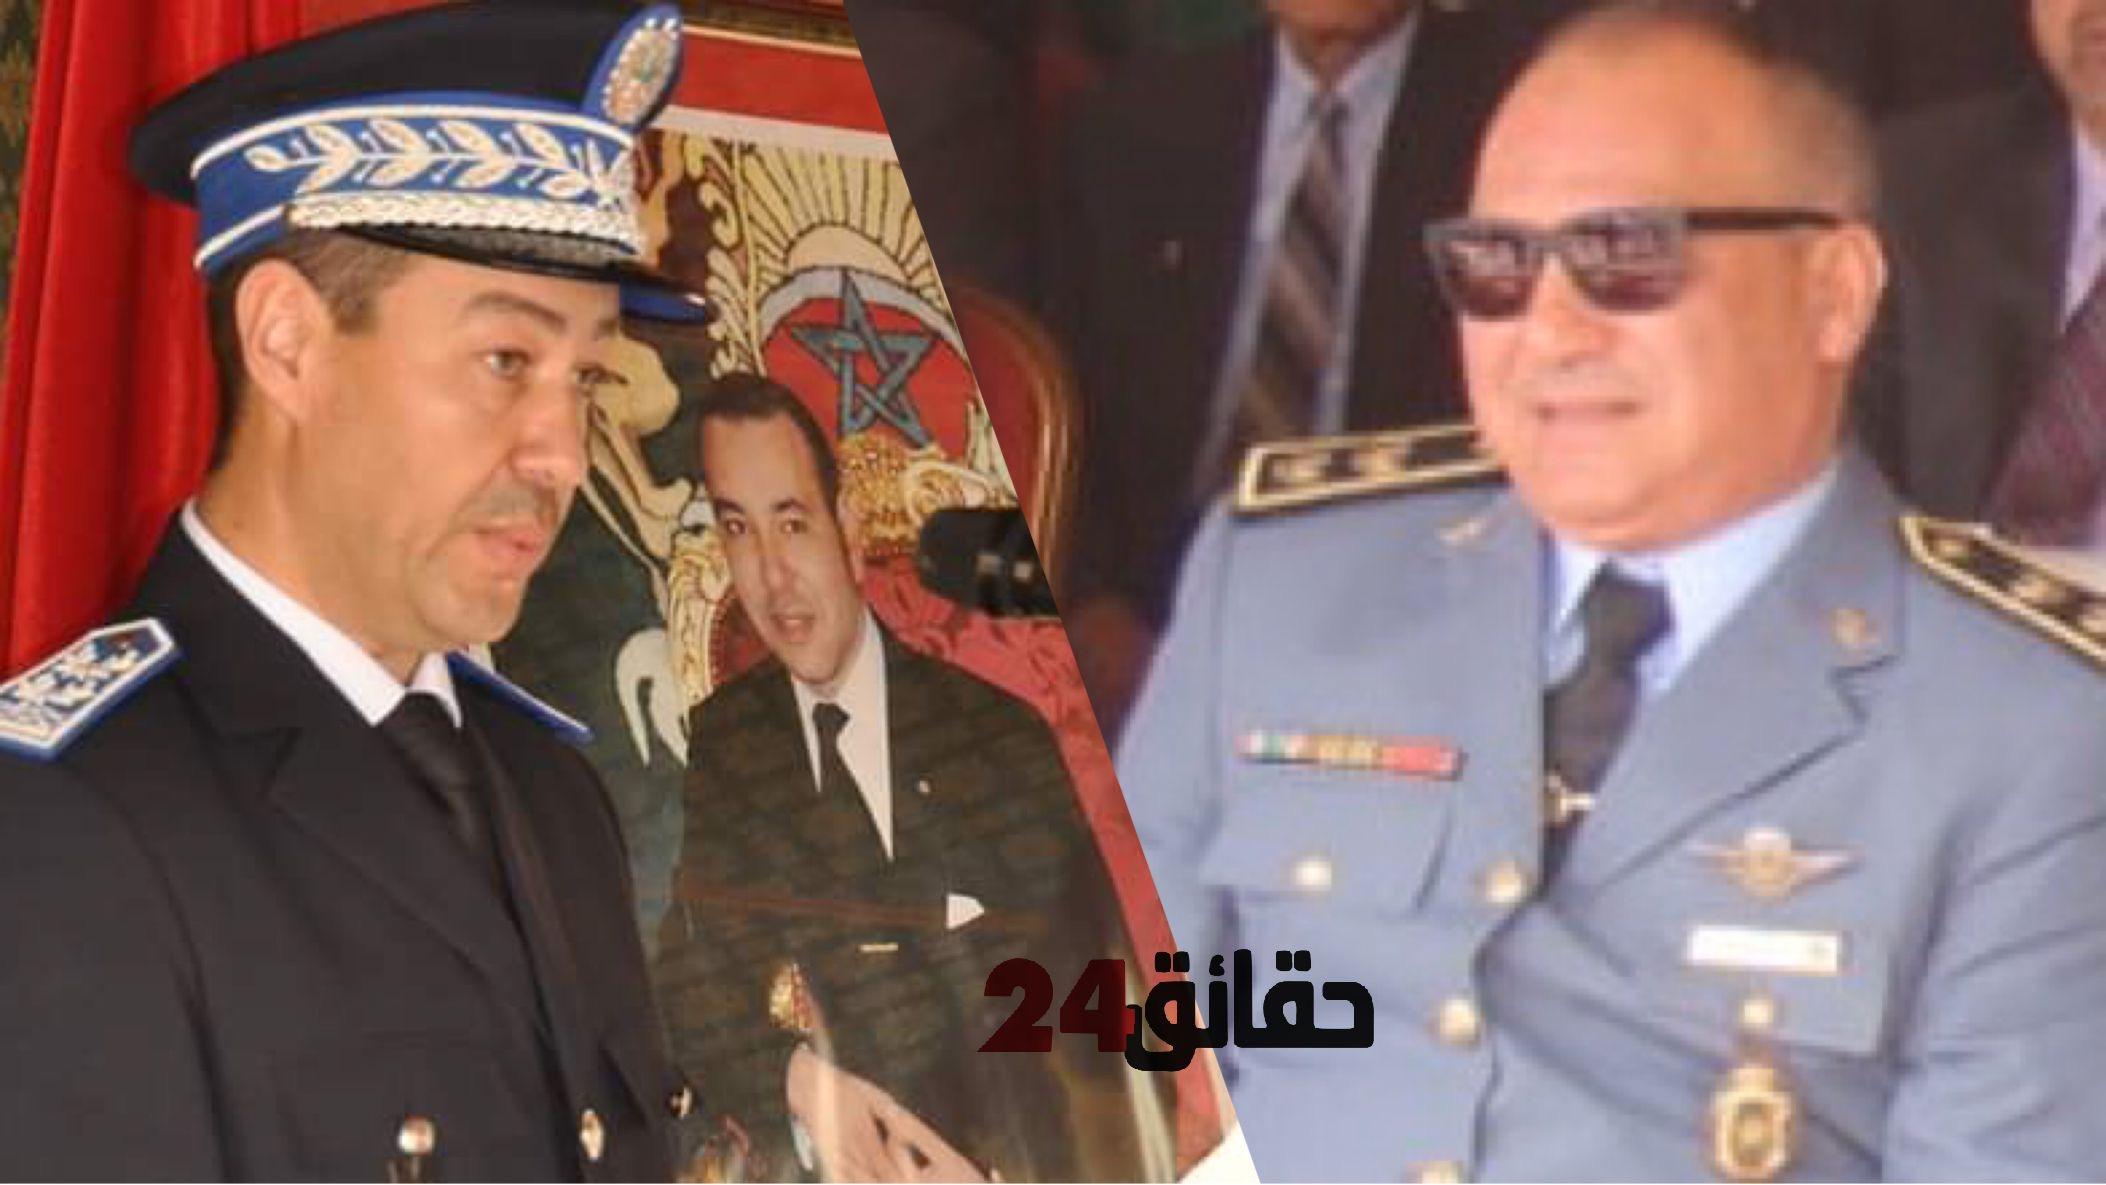 صورة أمن ودرك أكادير.. تنسيق متكامل لمواجهة الوباء وحفظ الأمن العام